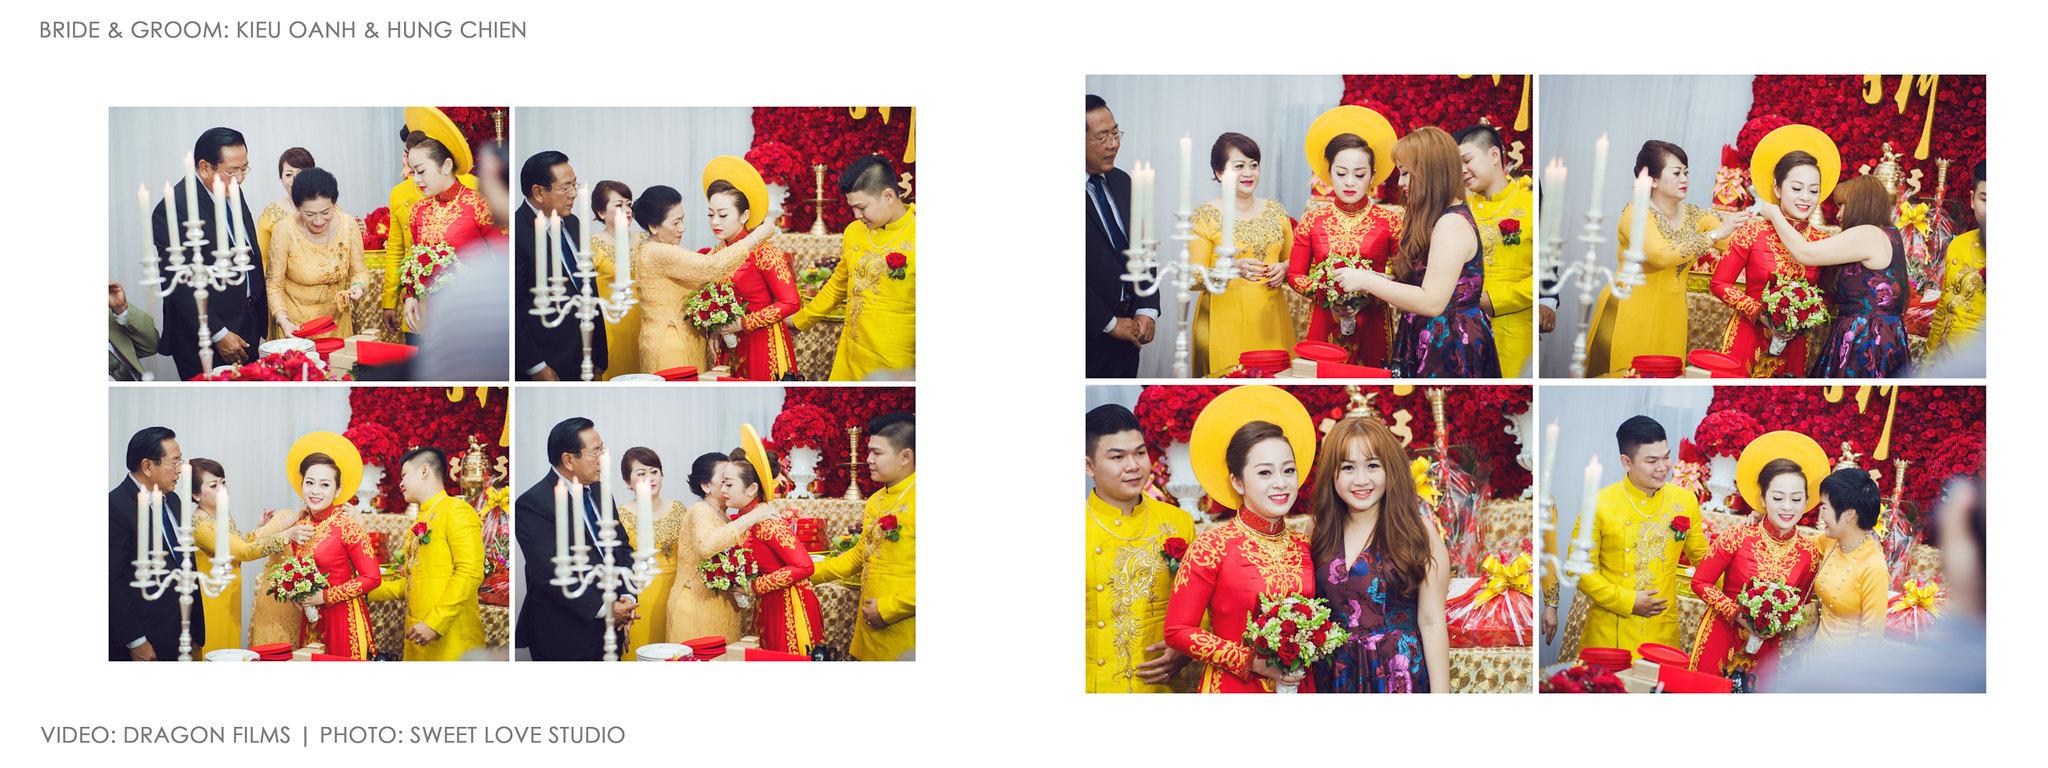 Chup-anh-cuoi-phong-su-Kieu-Oanh-Hung-Chien-13